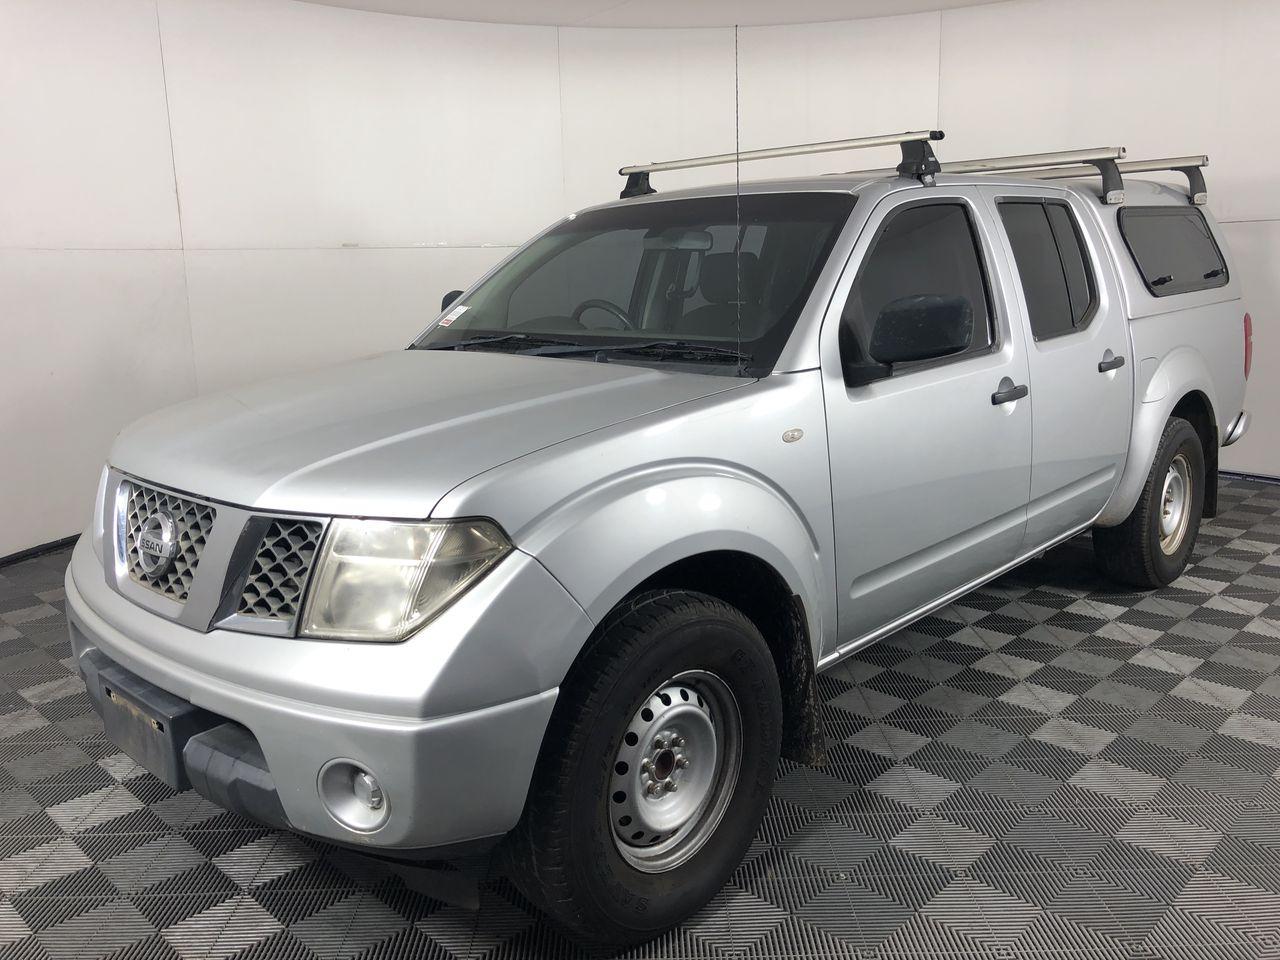 2011 Nissan Navara RX D40 Turbo Diesel Automatic Dual Cab